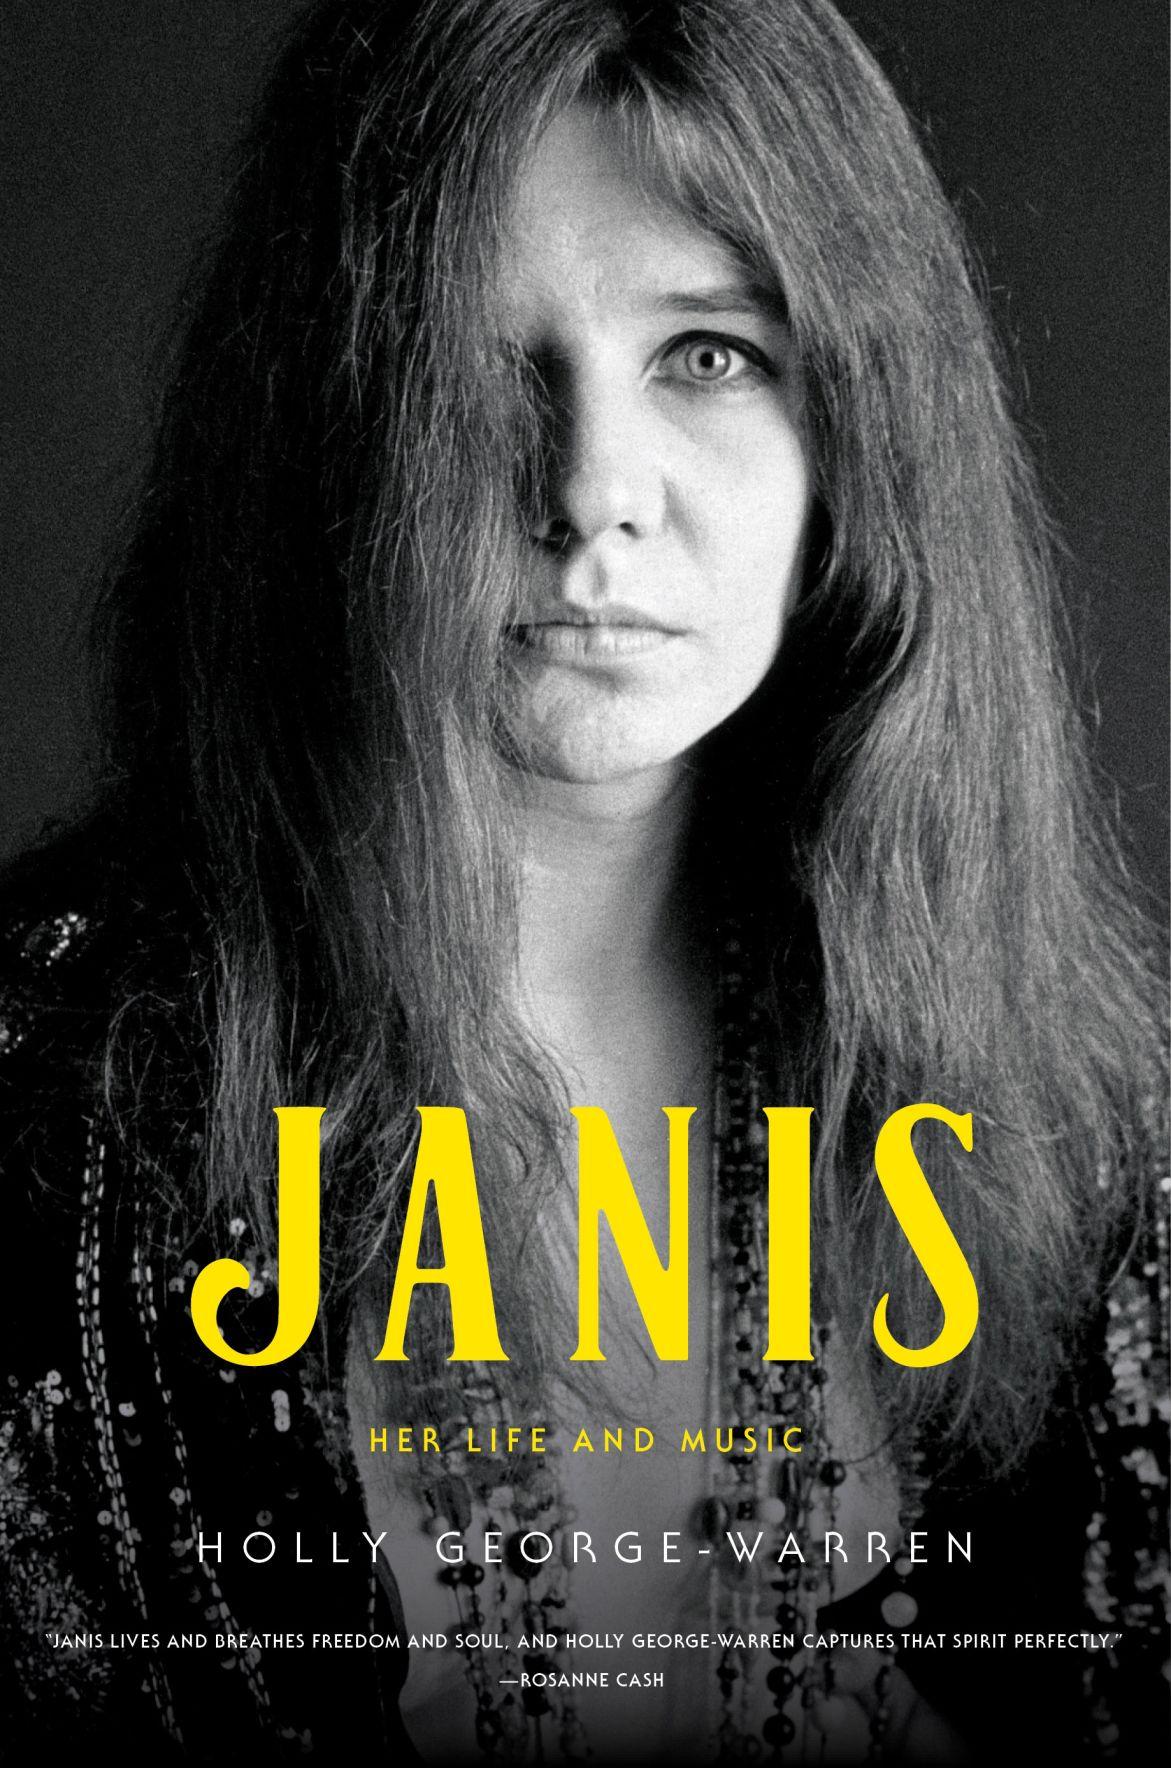 Janis Joplin Poster Blues Soul Rock Iconic Singer